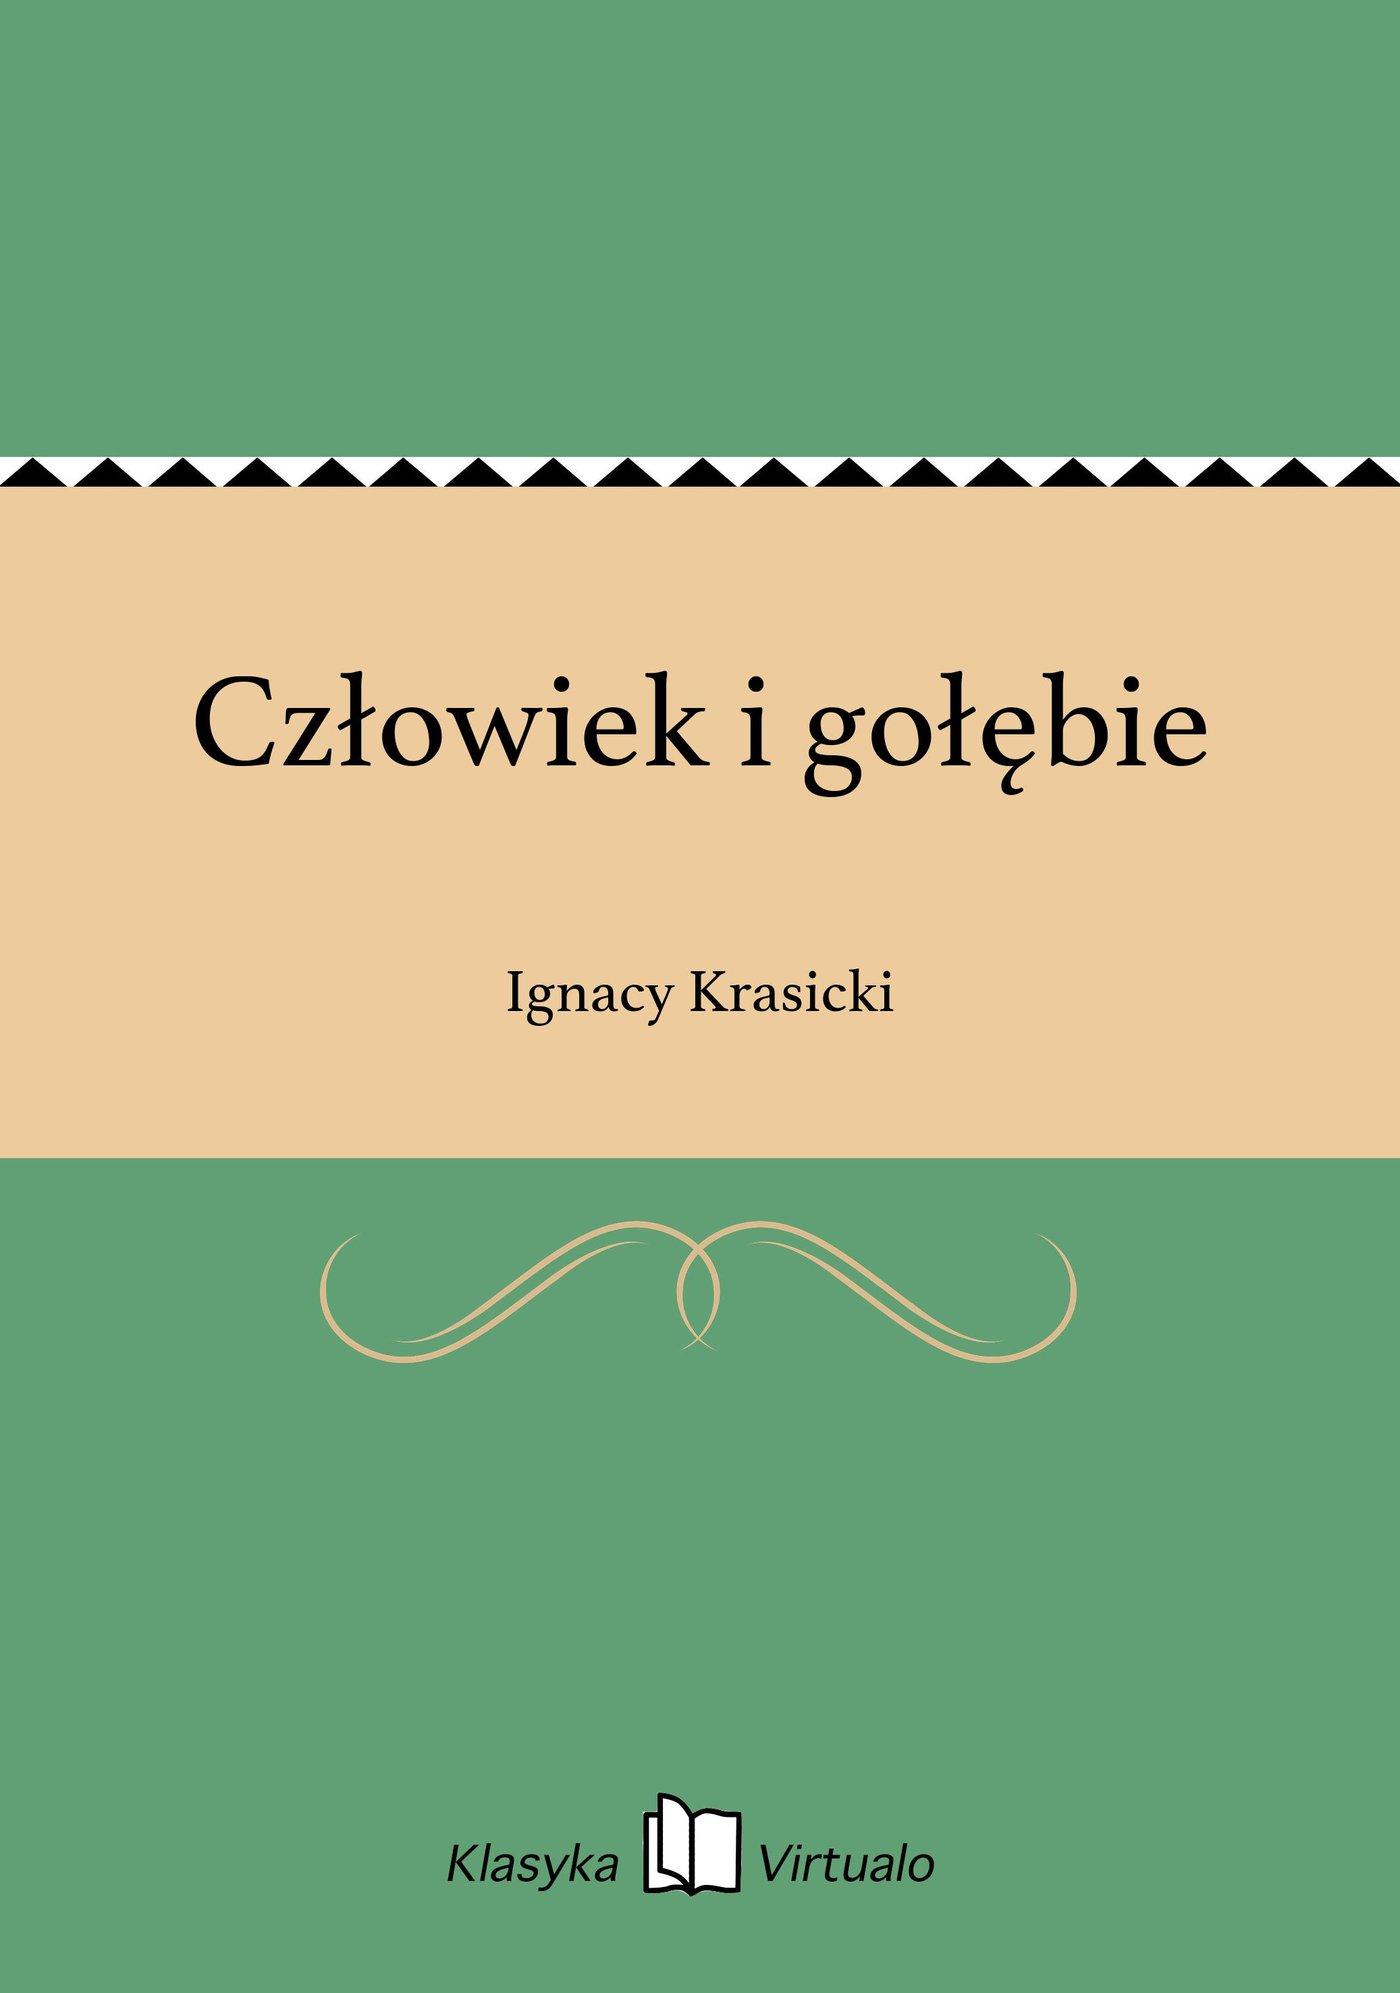 Człowiek i gołębie - Ebook (Książka na Kindle) do pobrania w formacie MOBI